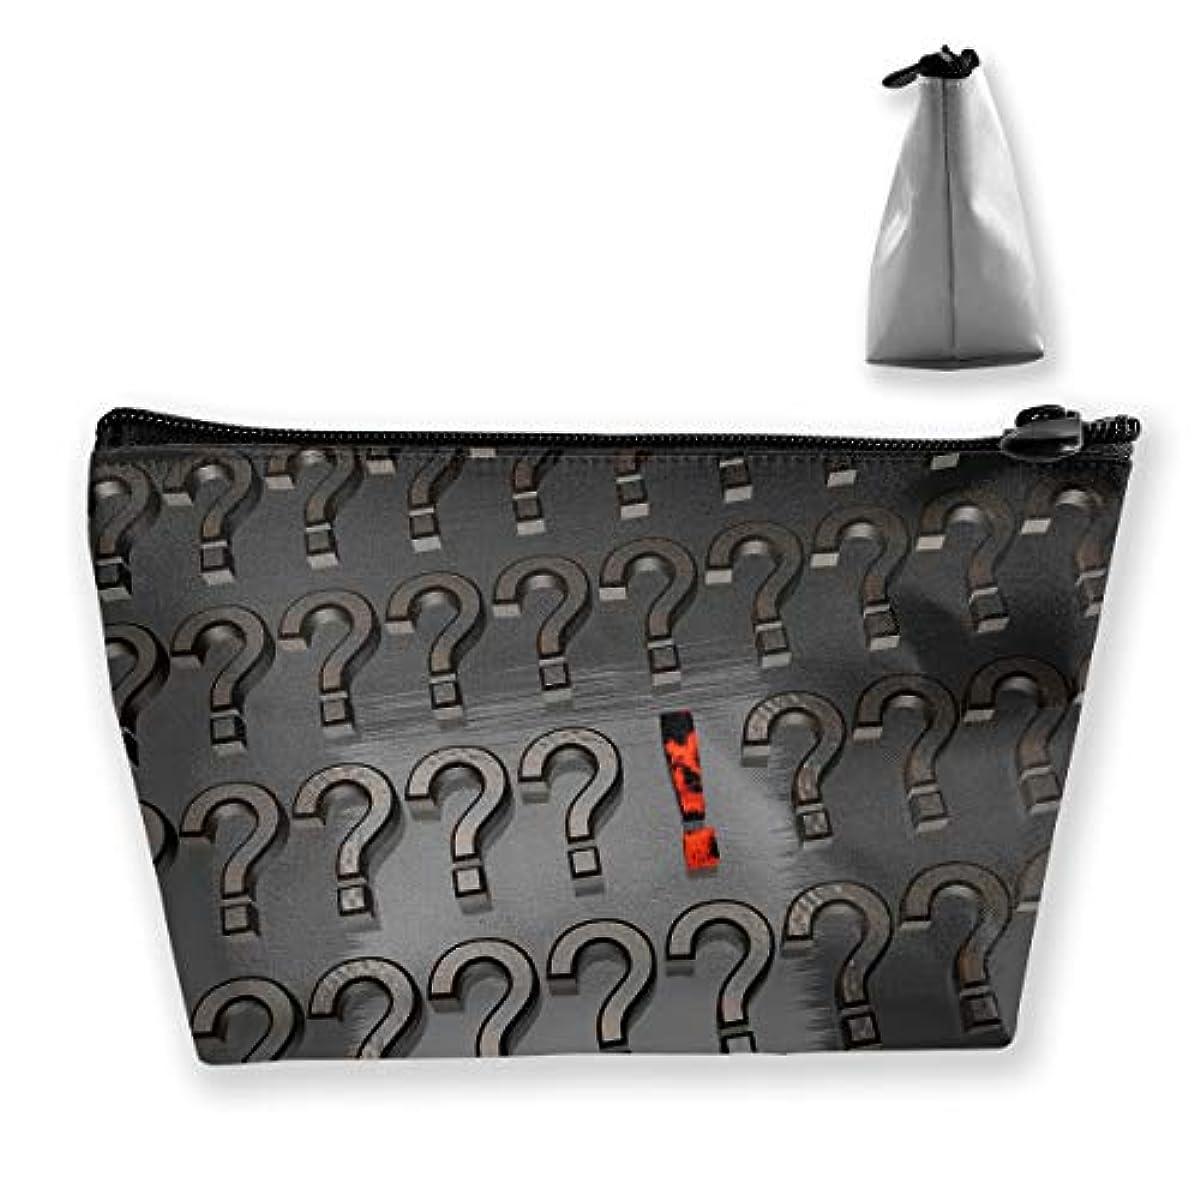 橋側麻痺させる台形 レディース 化粧ポーチ トラベルポーチ 旅行 ハンドバッグ 疑問符プリント コスメ メイクポーチ コイン 鍵 小物入れ 化粧品 収納ケース